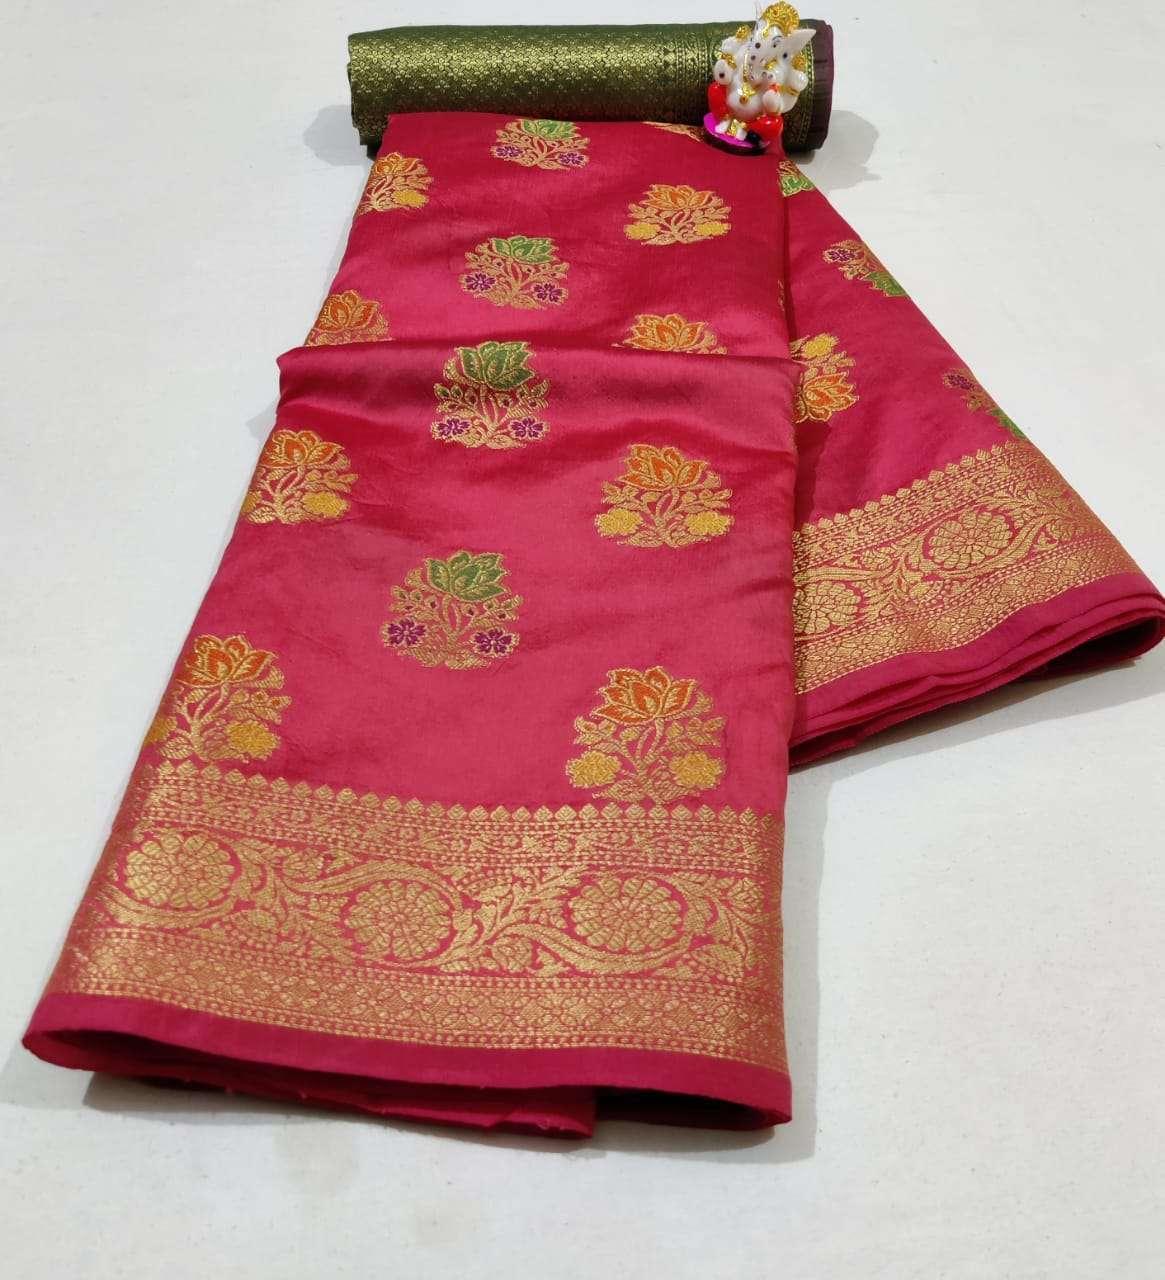 Silk Saree Vol 6 Pure Soft Banarasi Silk Patola Print With Weaving Sarees Collection0 2